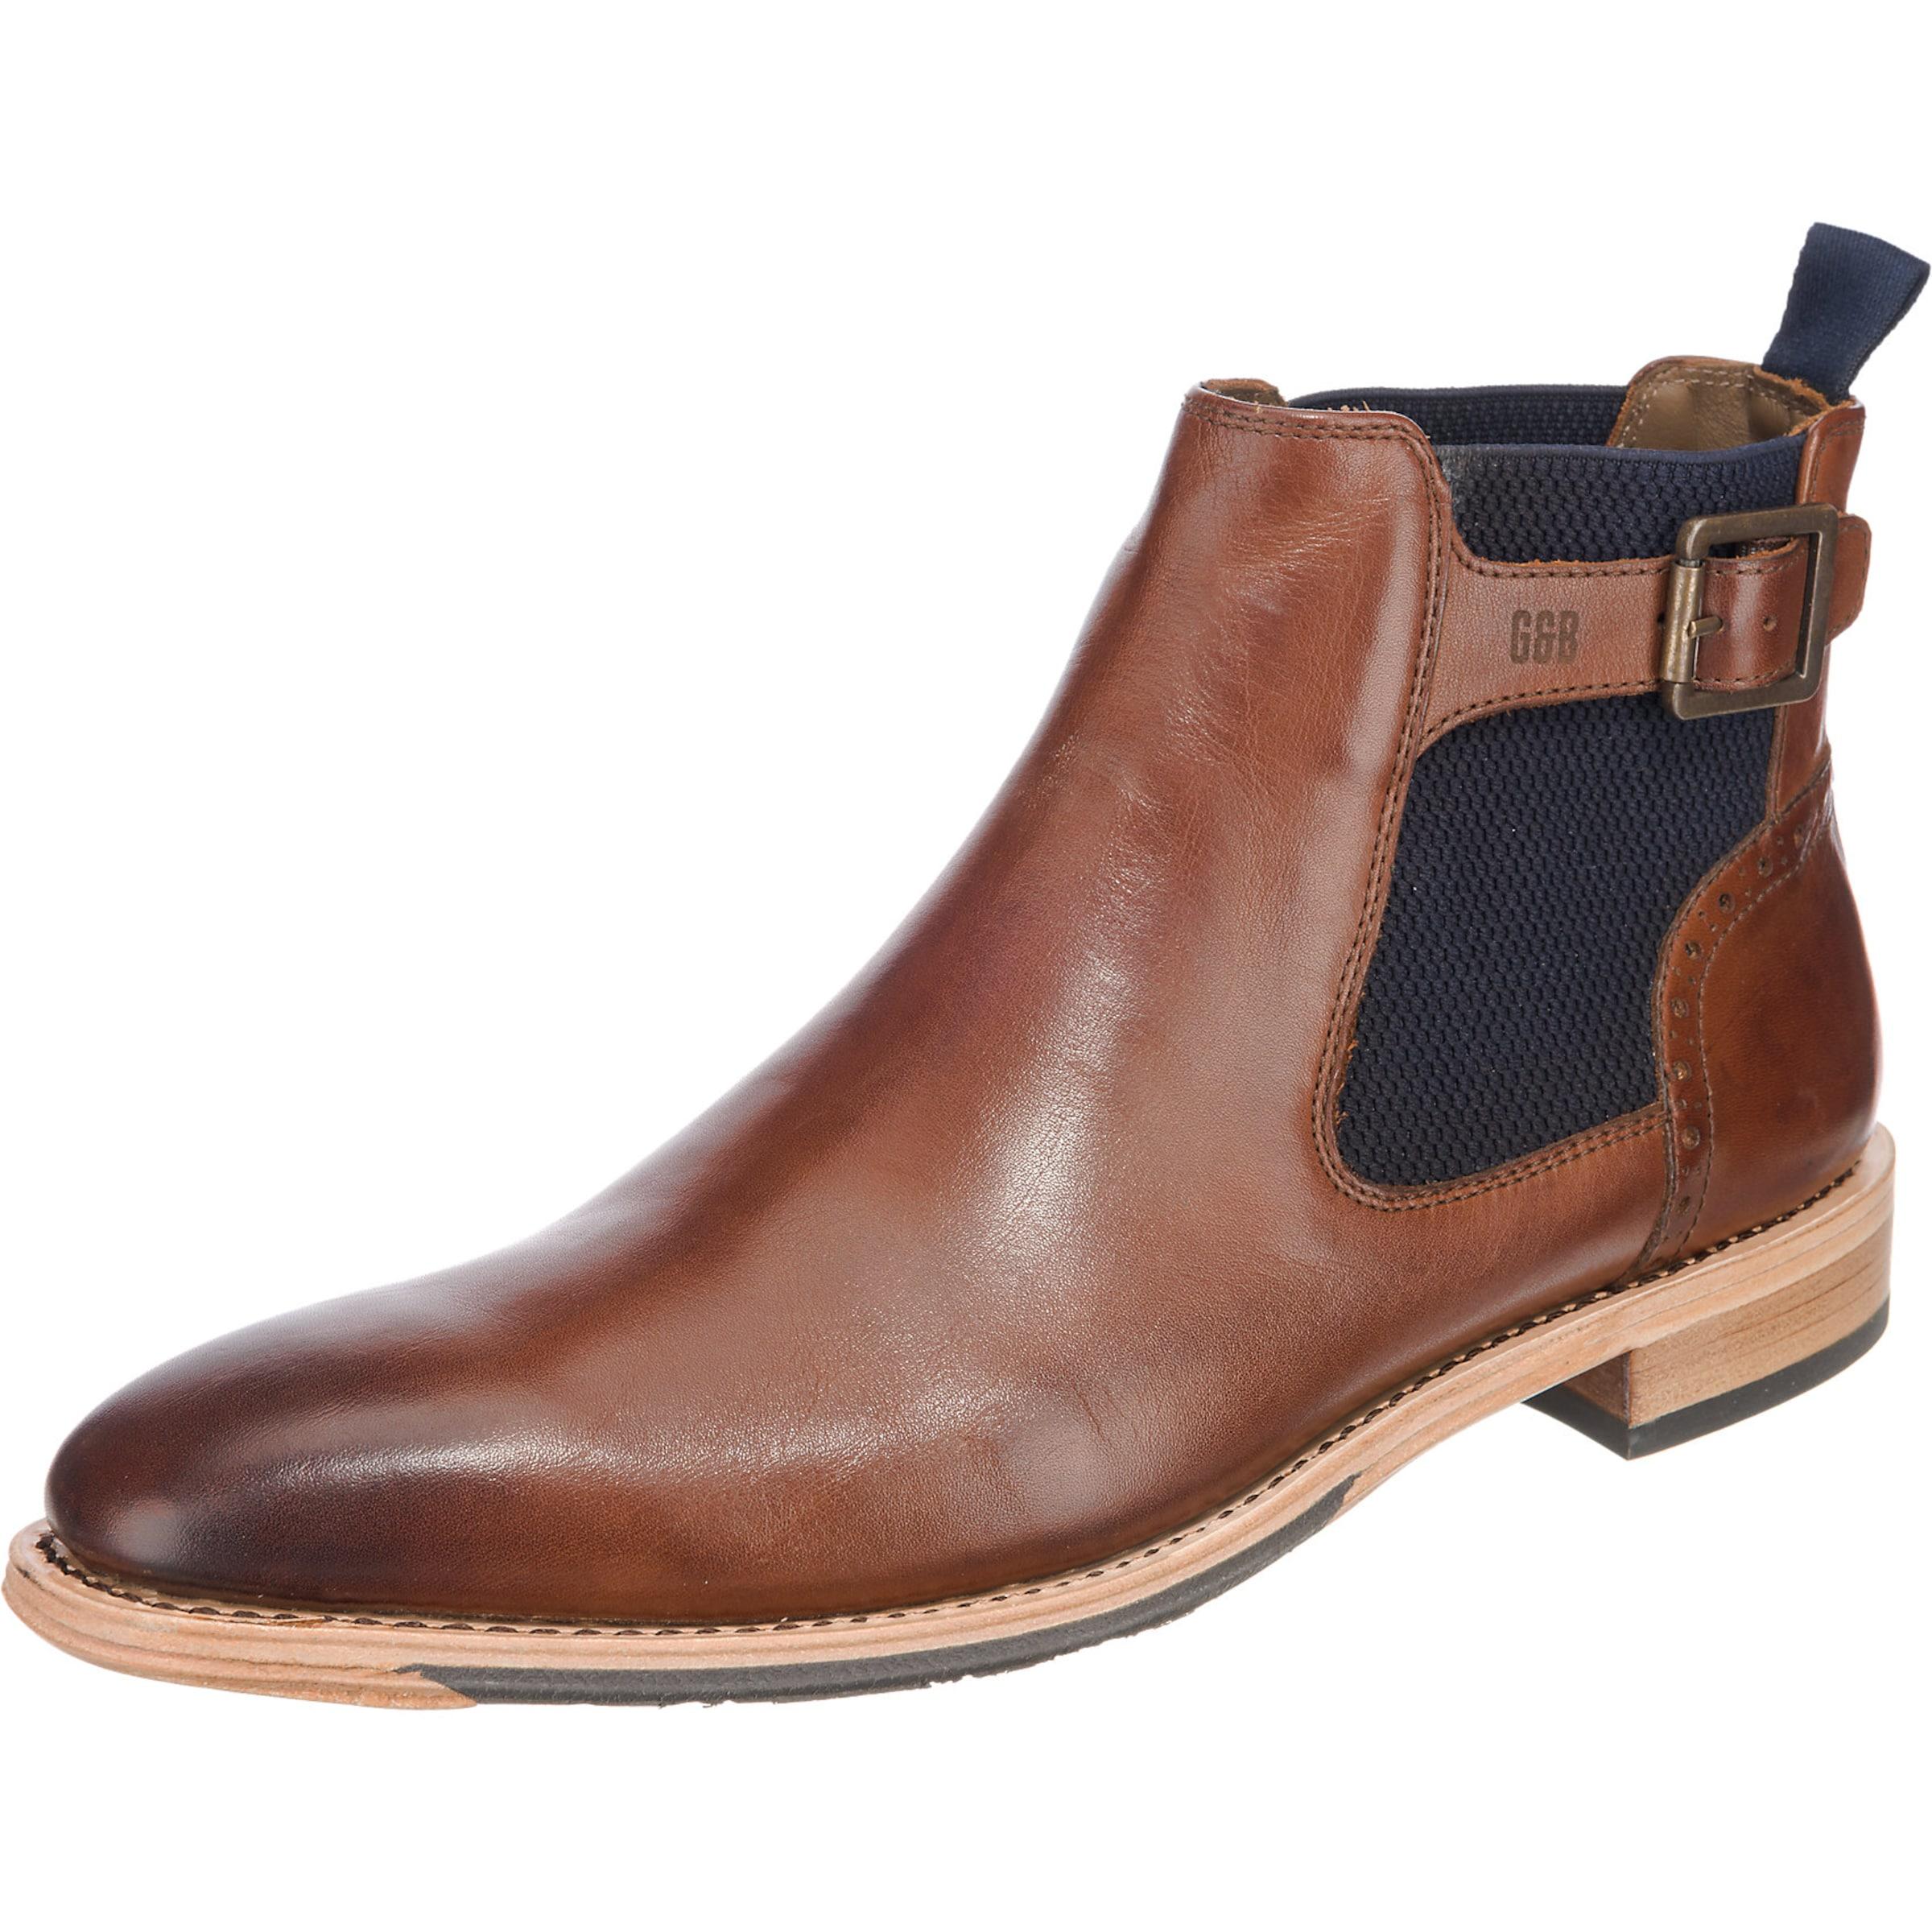 Gordon & Bros   'Lorenzo' Stiefeletten getragene Schuhe Gut getragene Stiefeletten Schuhe b2f792